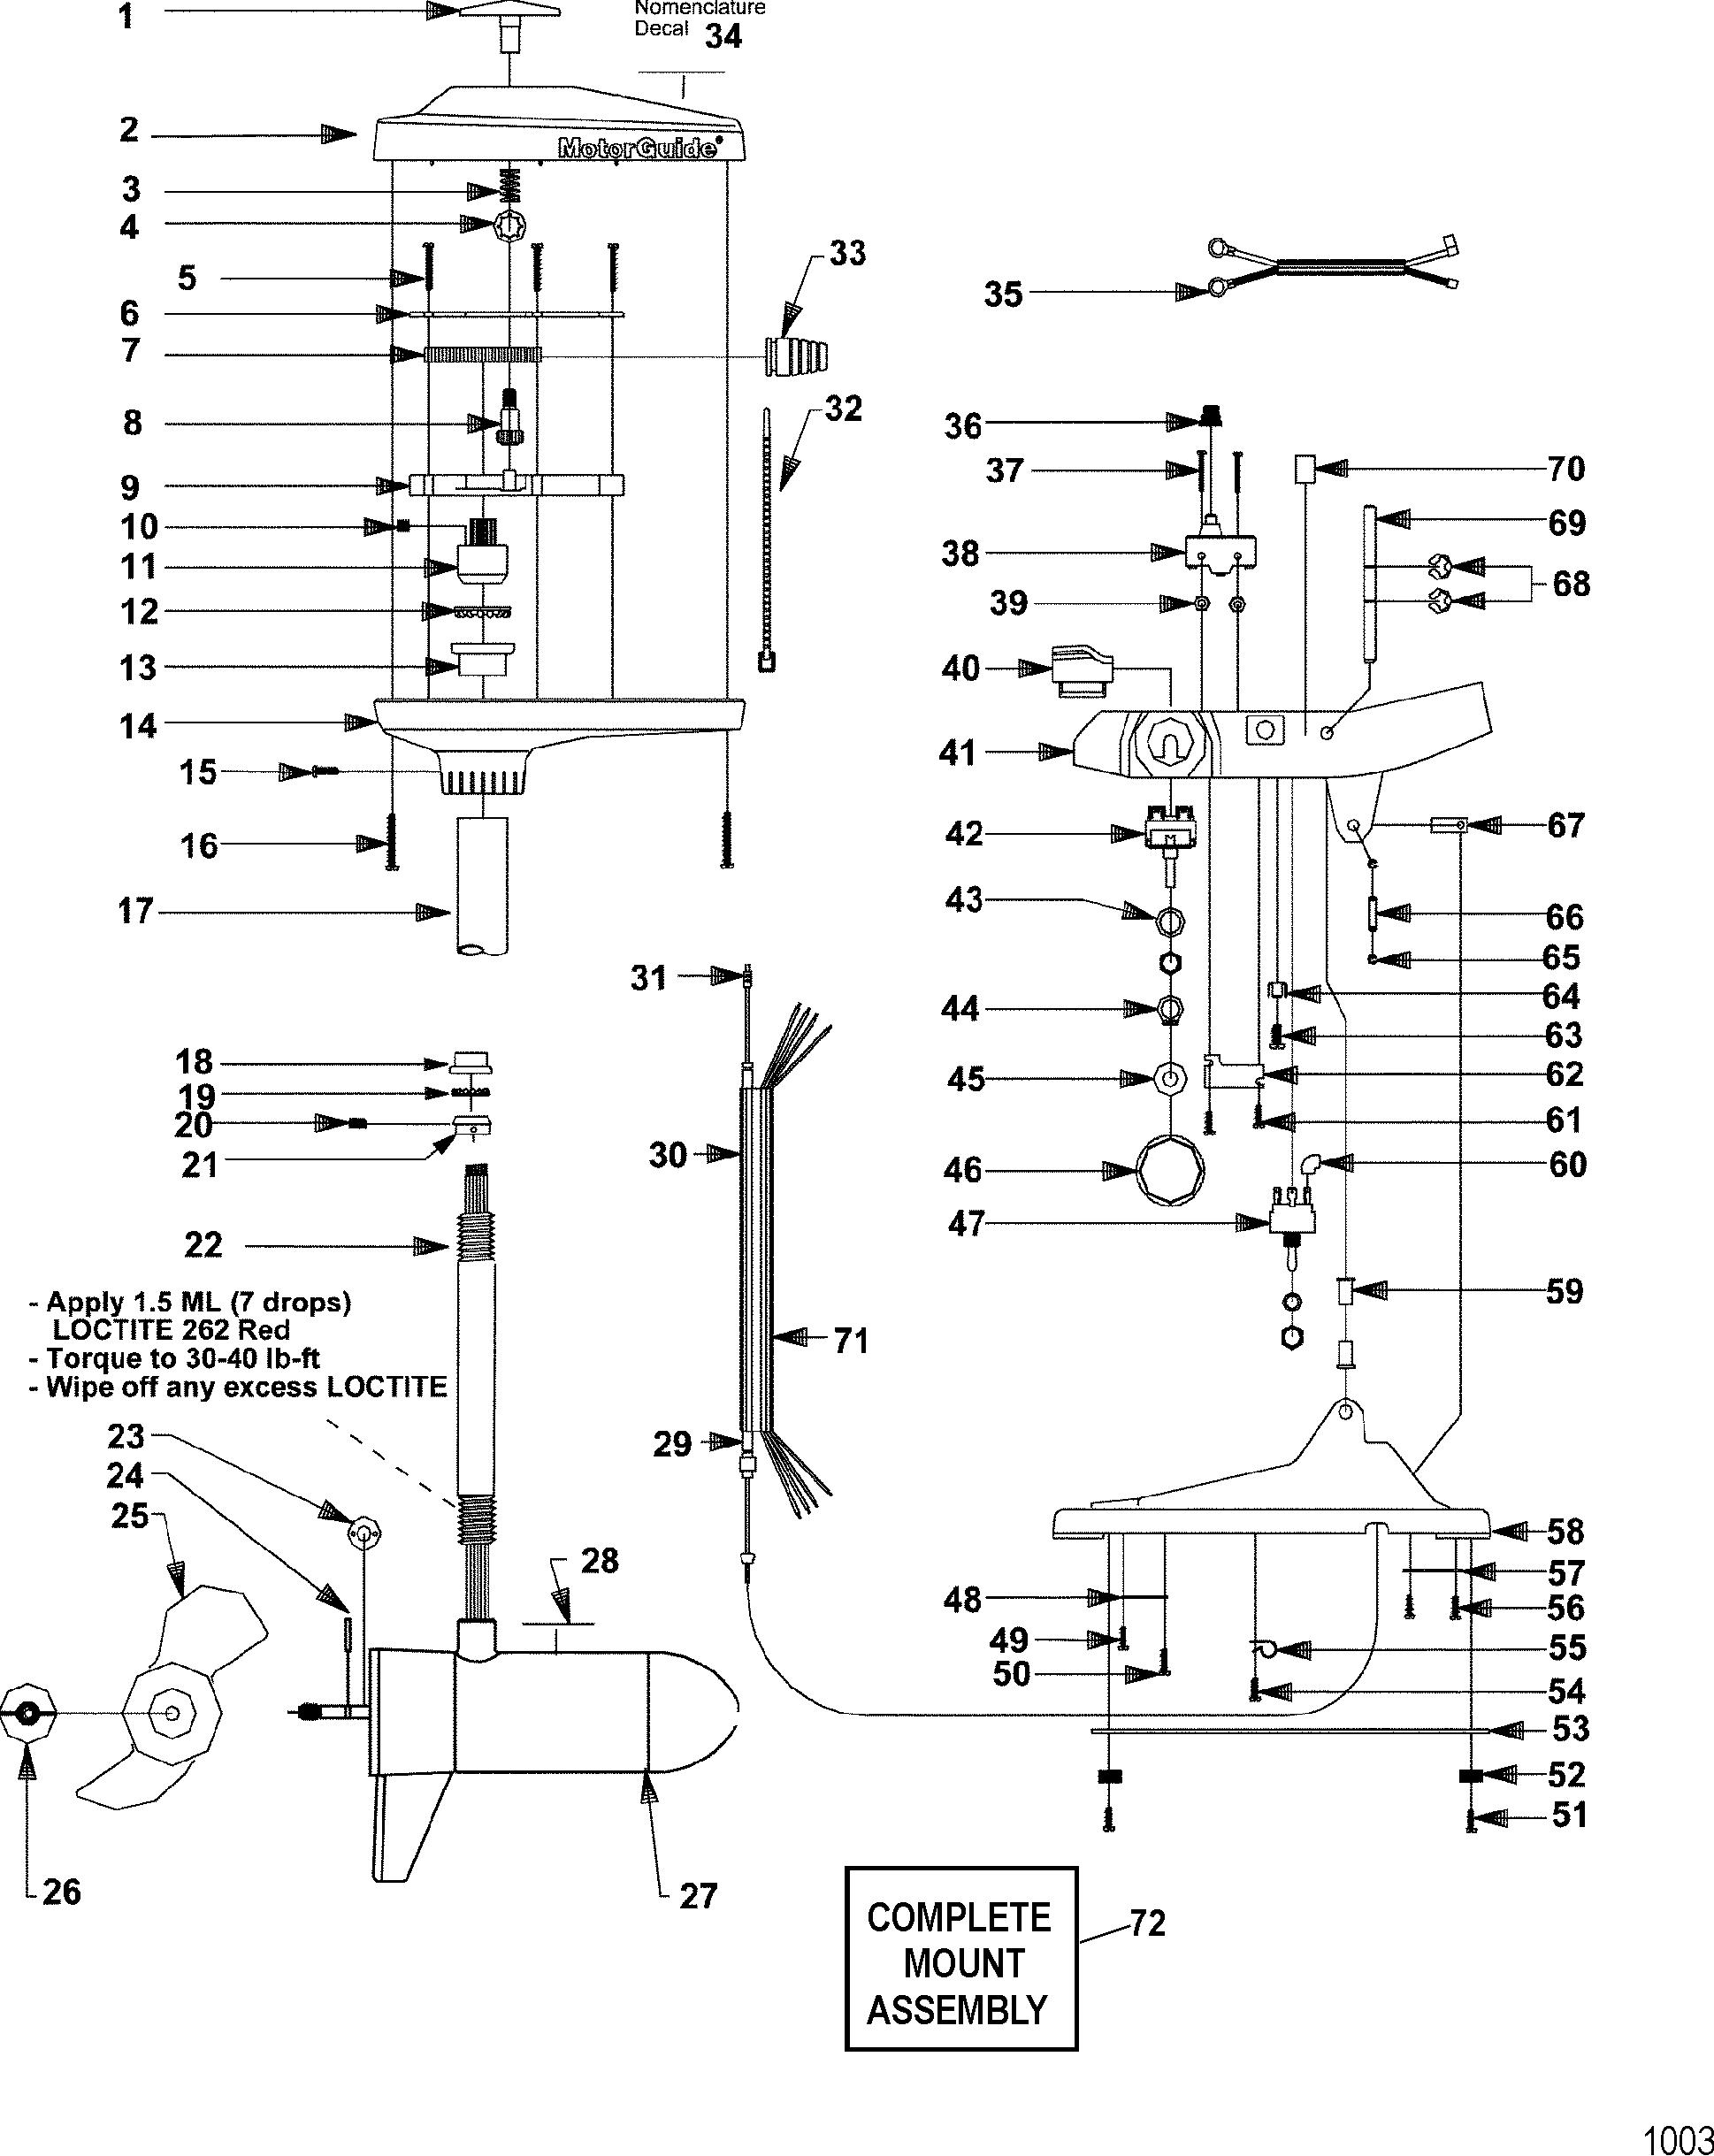 24vac Wiring Bi Directional Meter